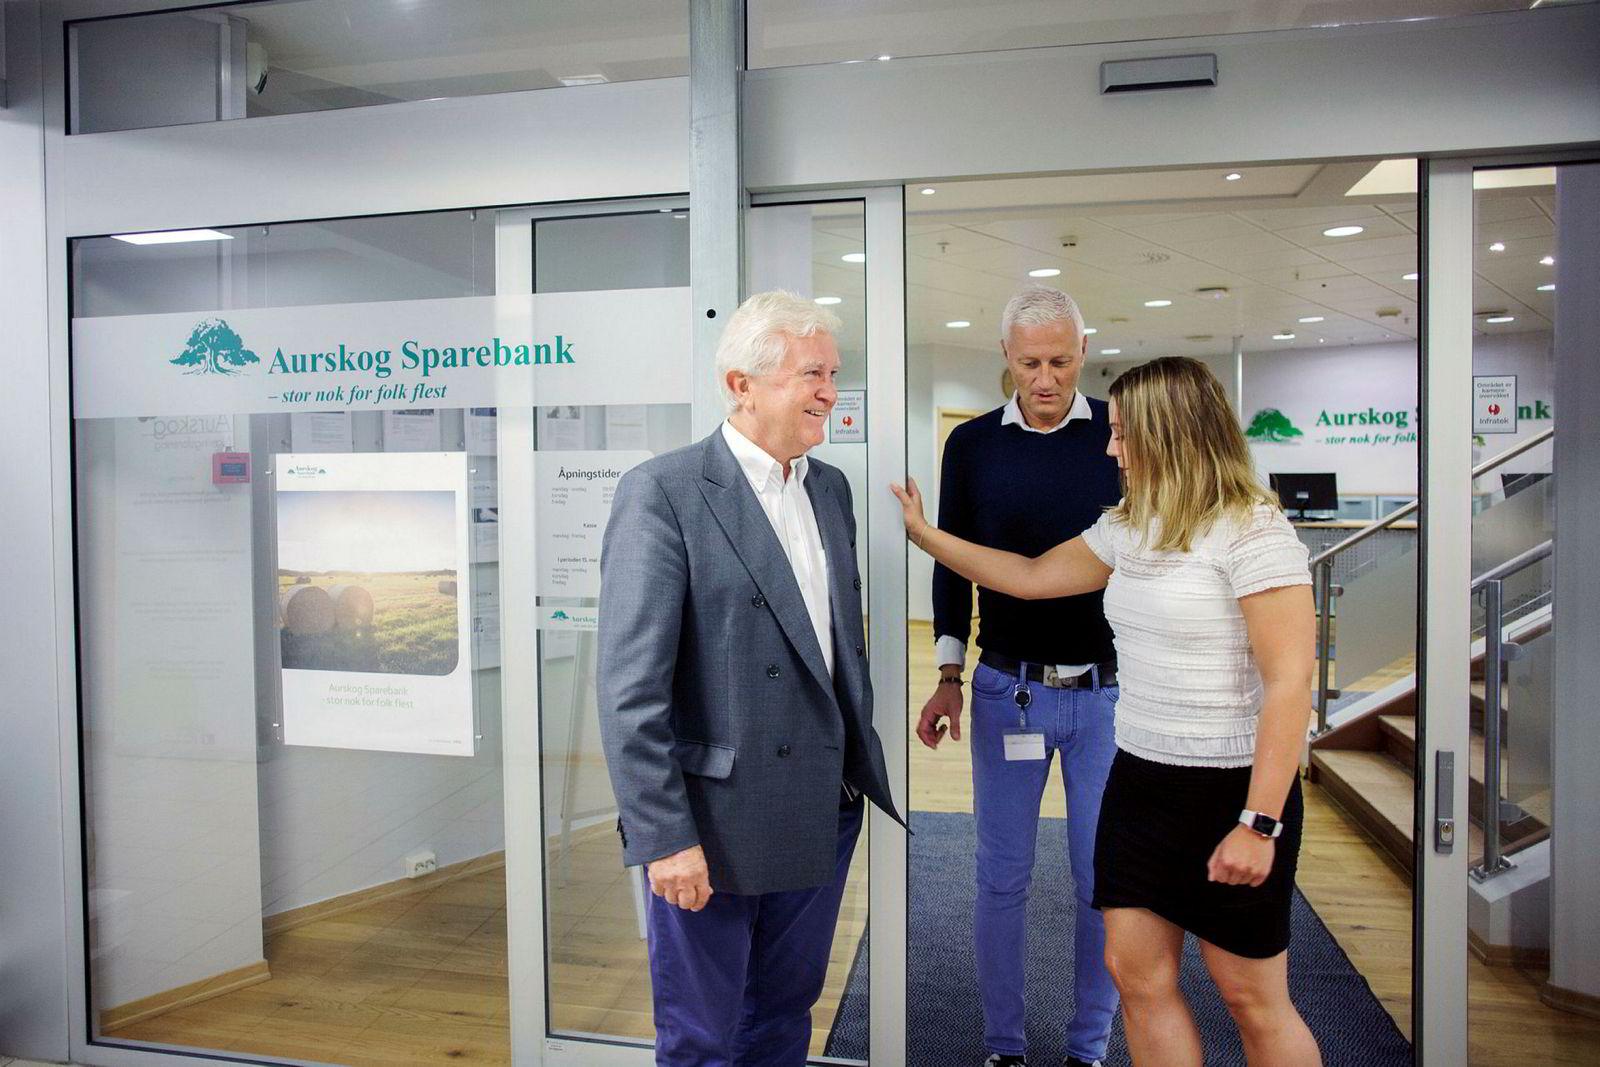 Aurskog Sparebank er del av Eika-alliansen og åpner dørene for aksjesparekonto. Fra venstre: banksjef Odd Nordli, leder for sparing Tor-Einar Torre og markedssjef Helen Skjønnhaug.